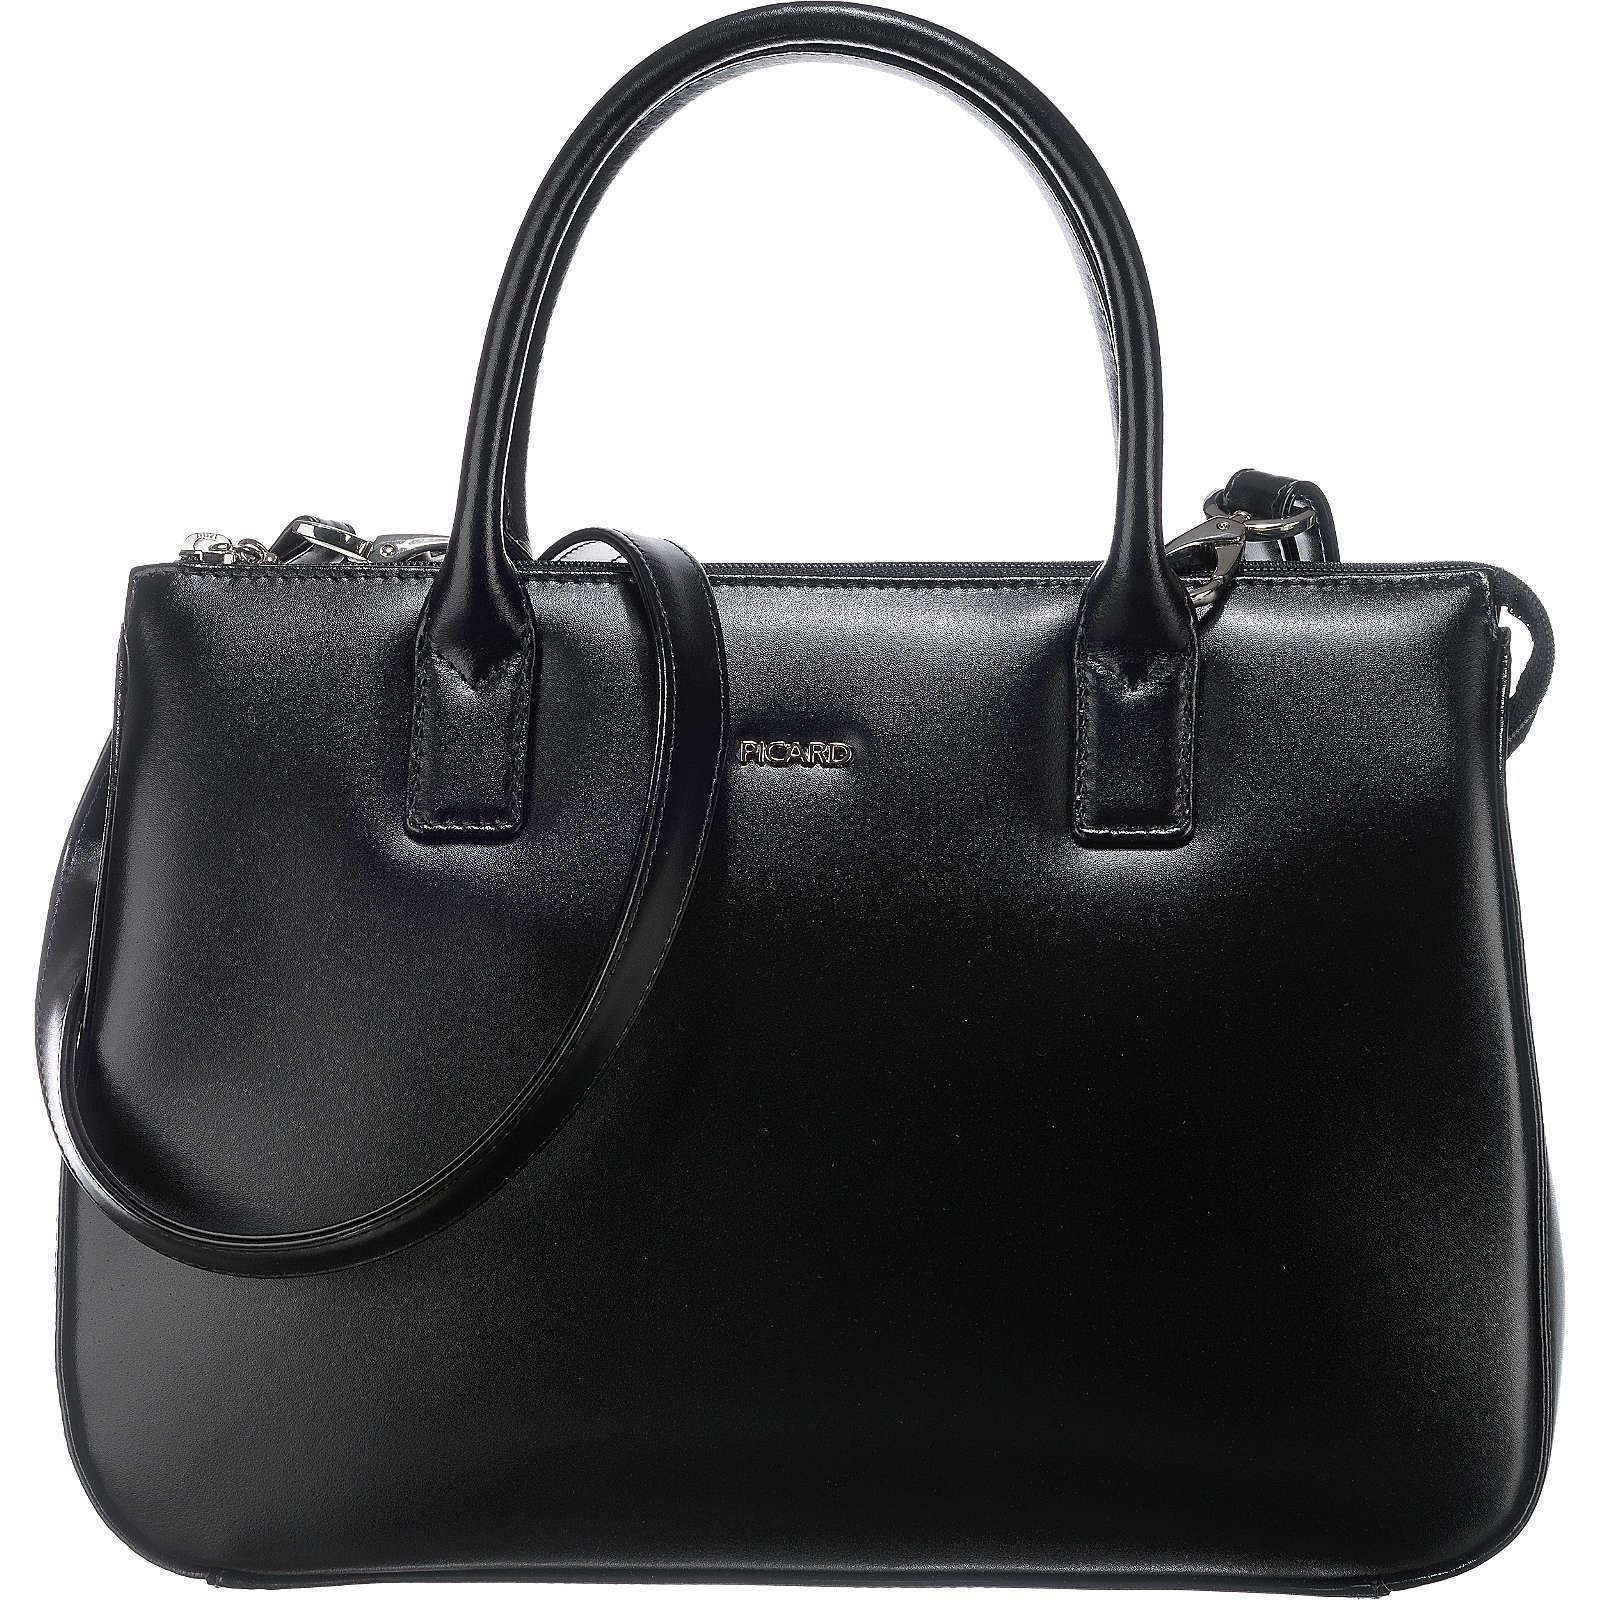 PICARD Promotion5 Handtasche schwarz Damen